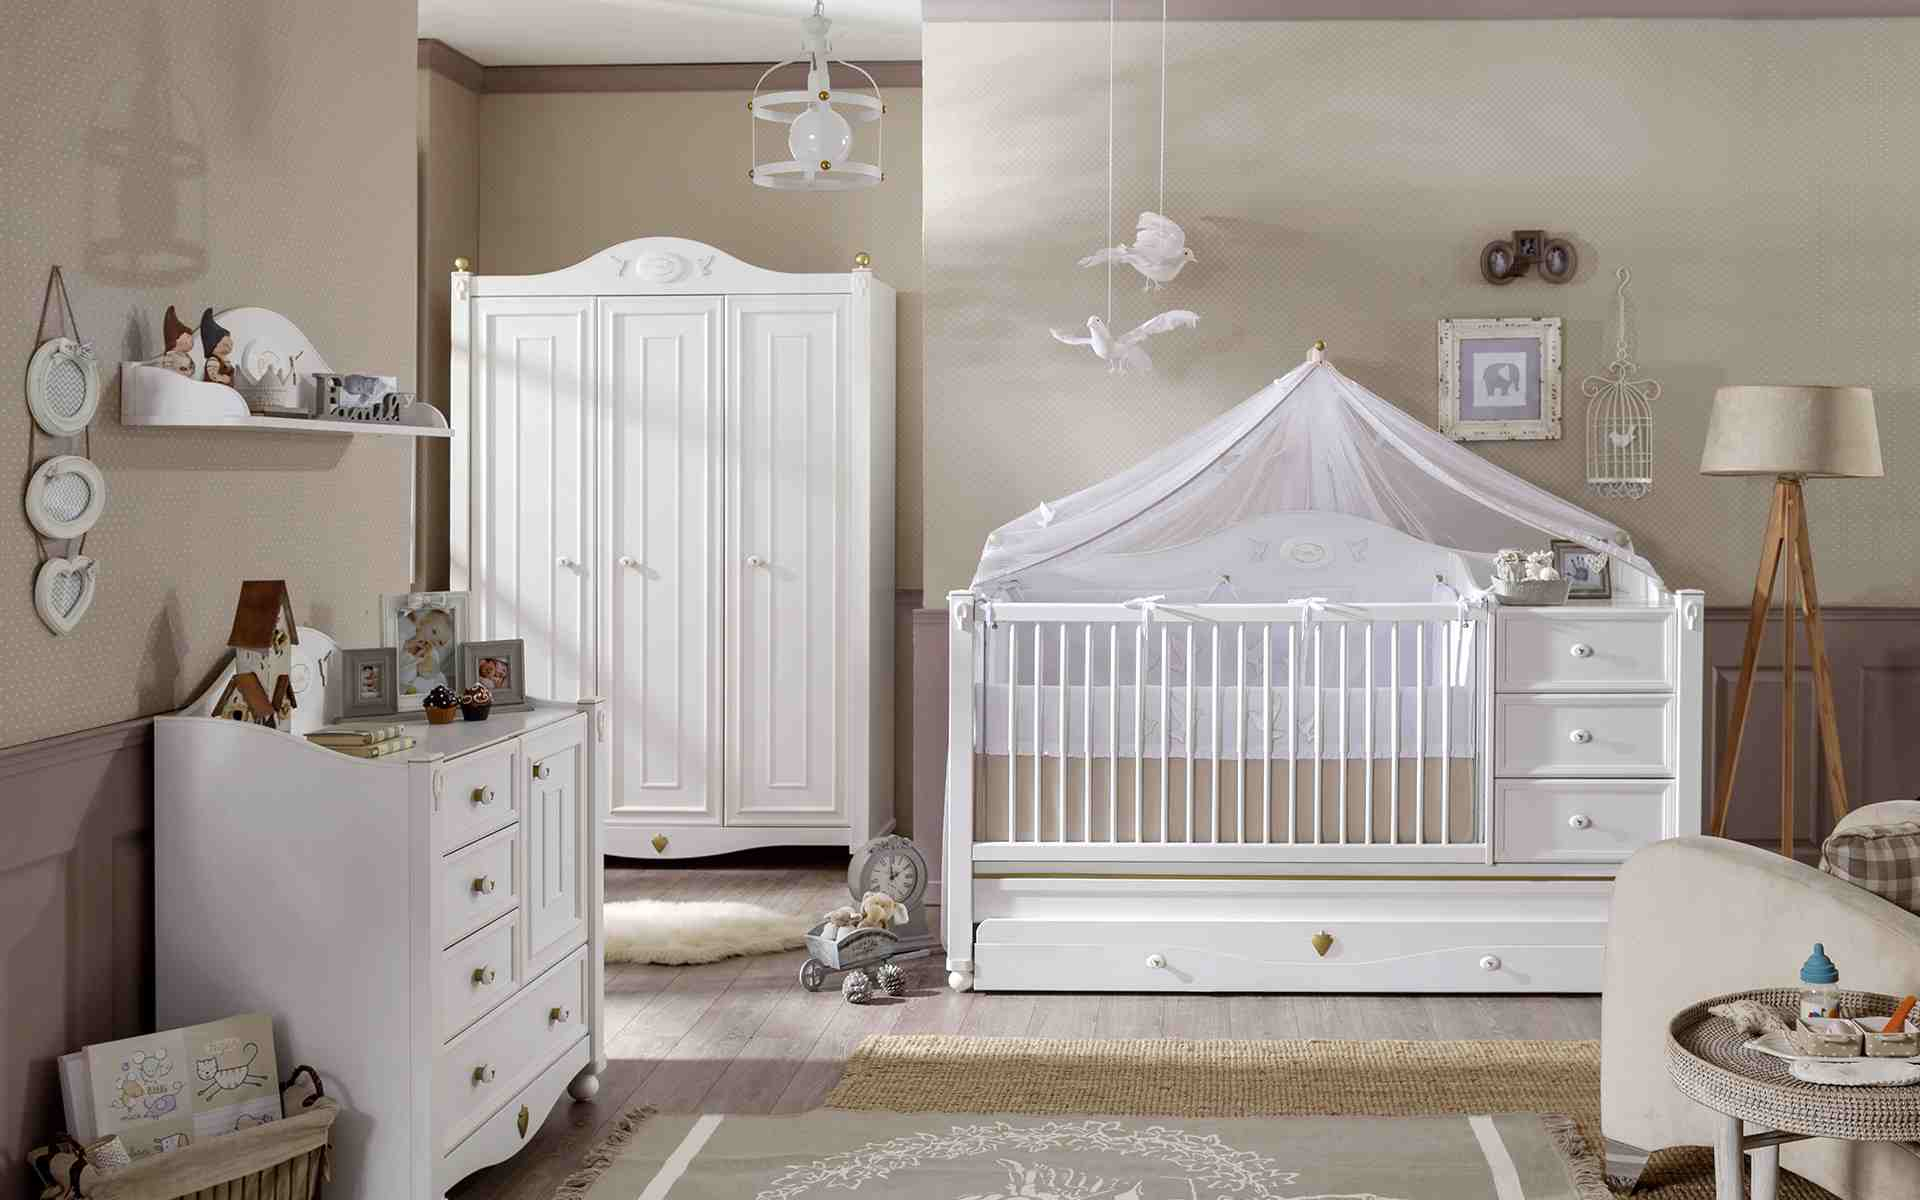 Декор детской кроватки голубями